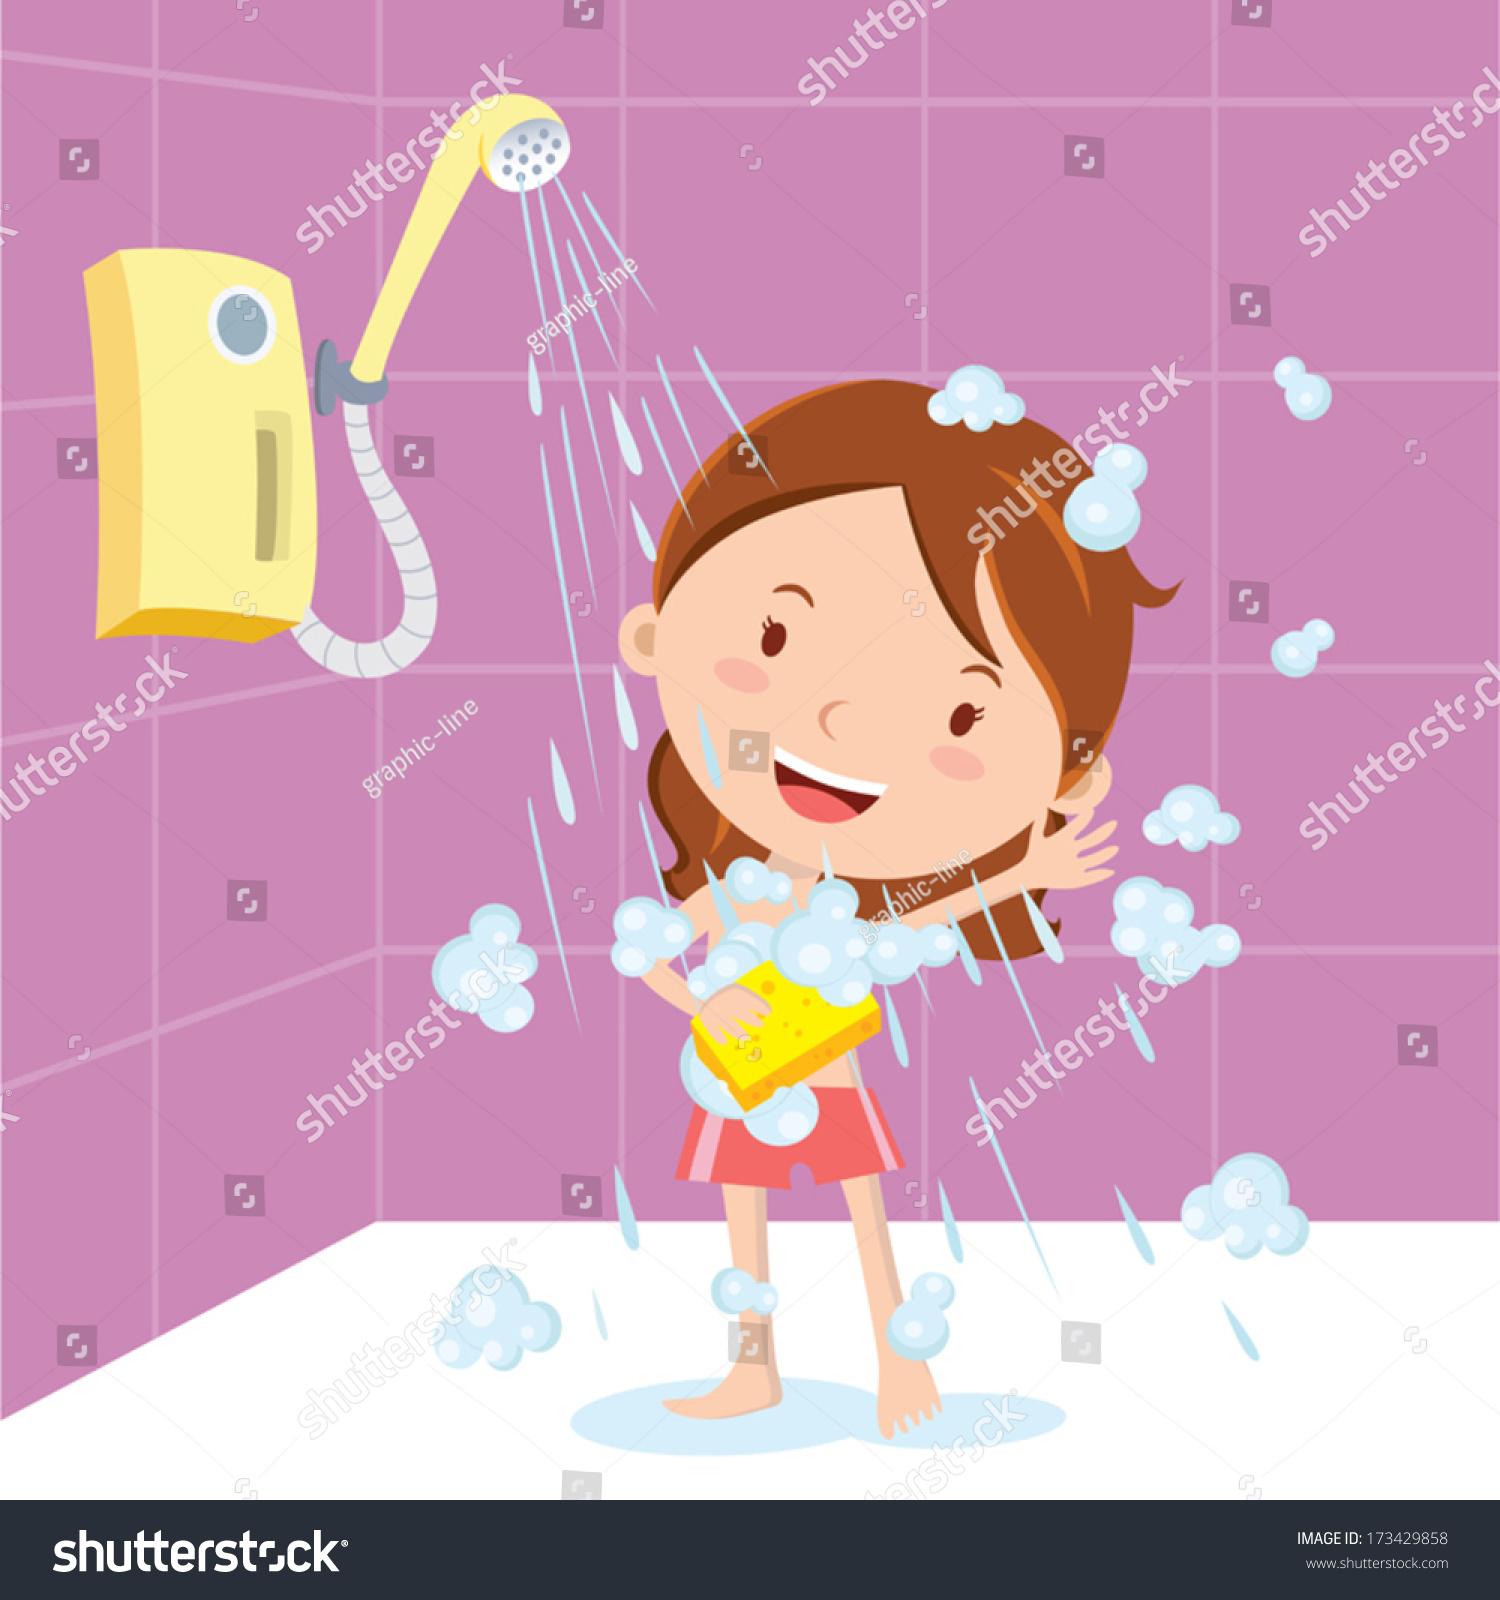 girl shower vector illustration little girl stock vector 173429858 shutterstock. Black Bedroom Furniture Sets. Home Design Ideas